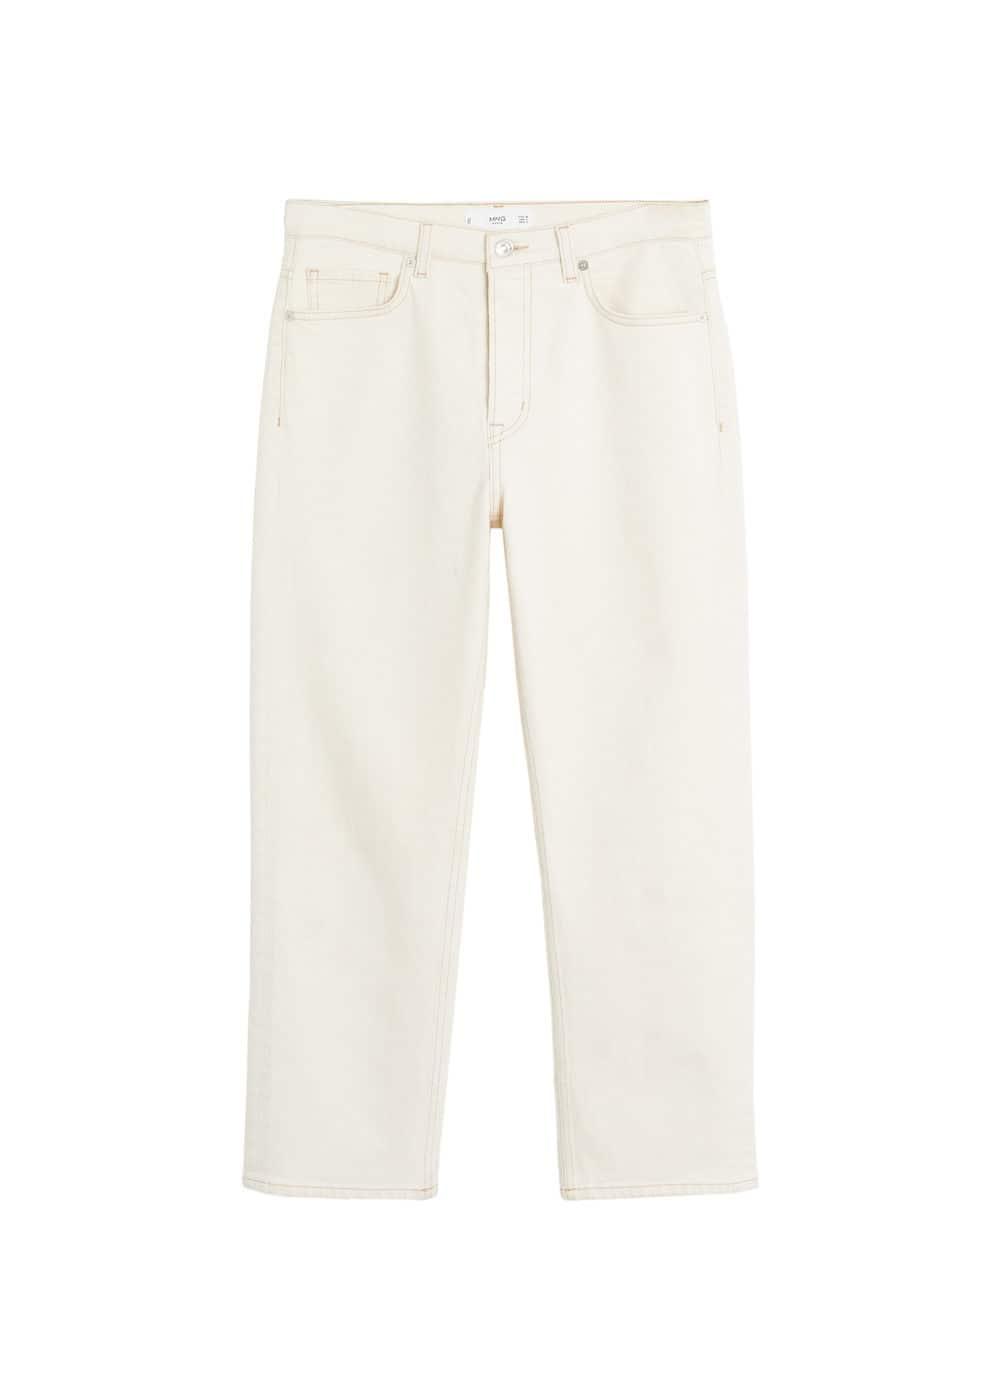 m-premium:jeans premium straight